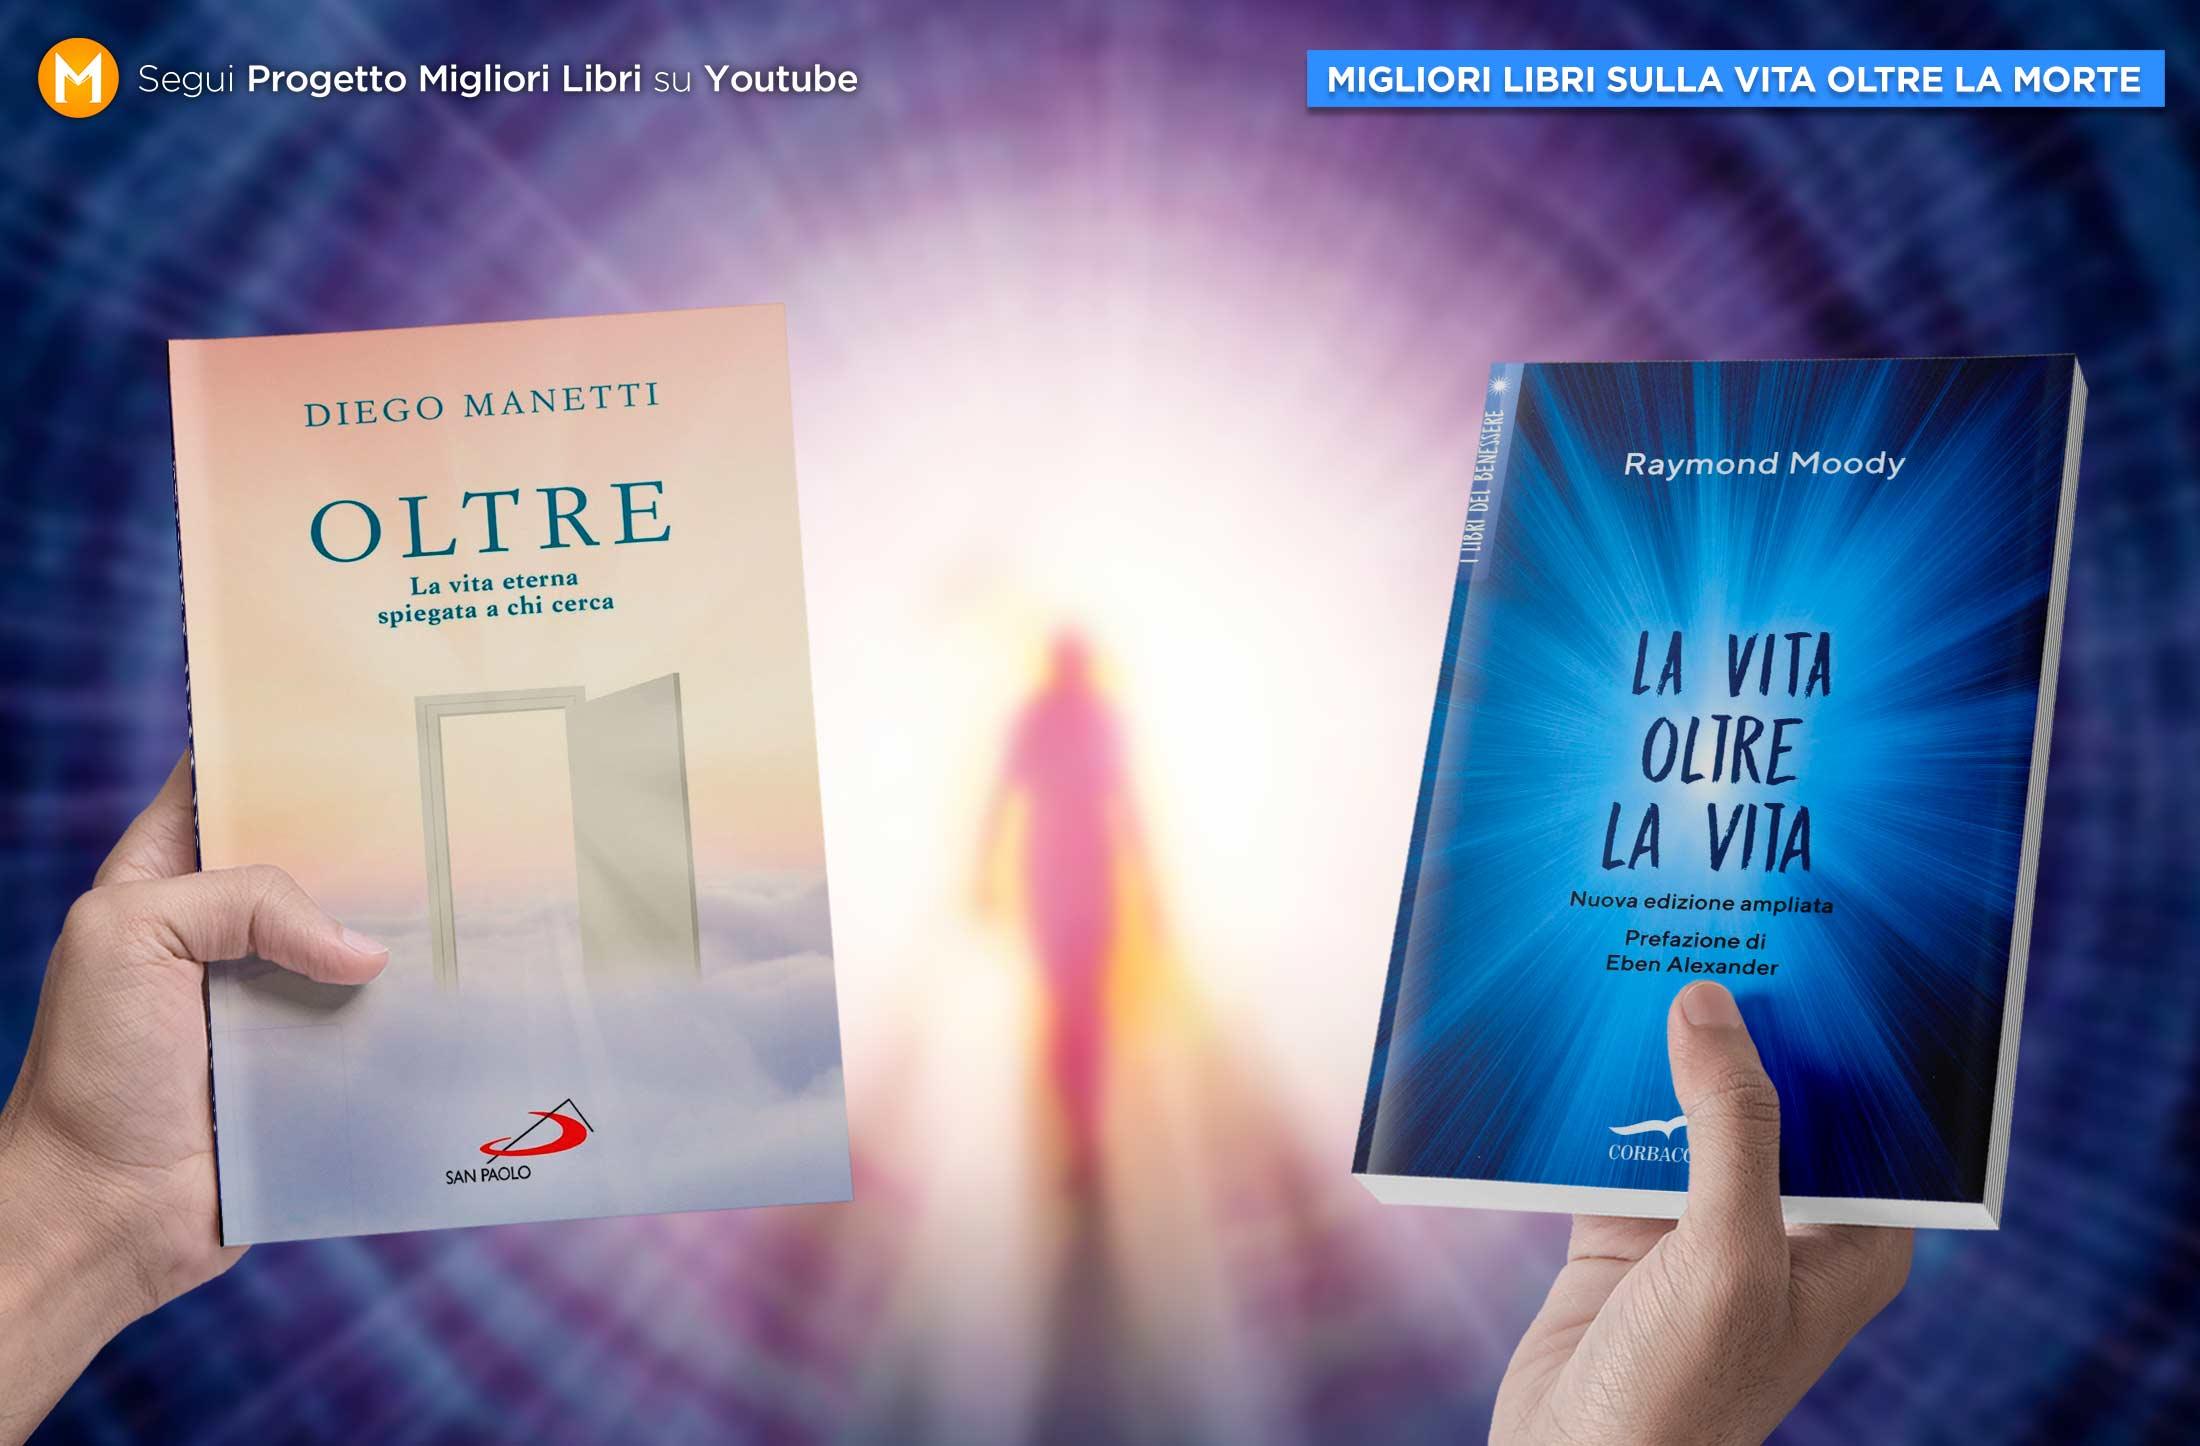 libro sulla vita oltre la morte